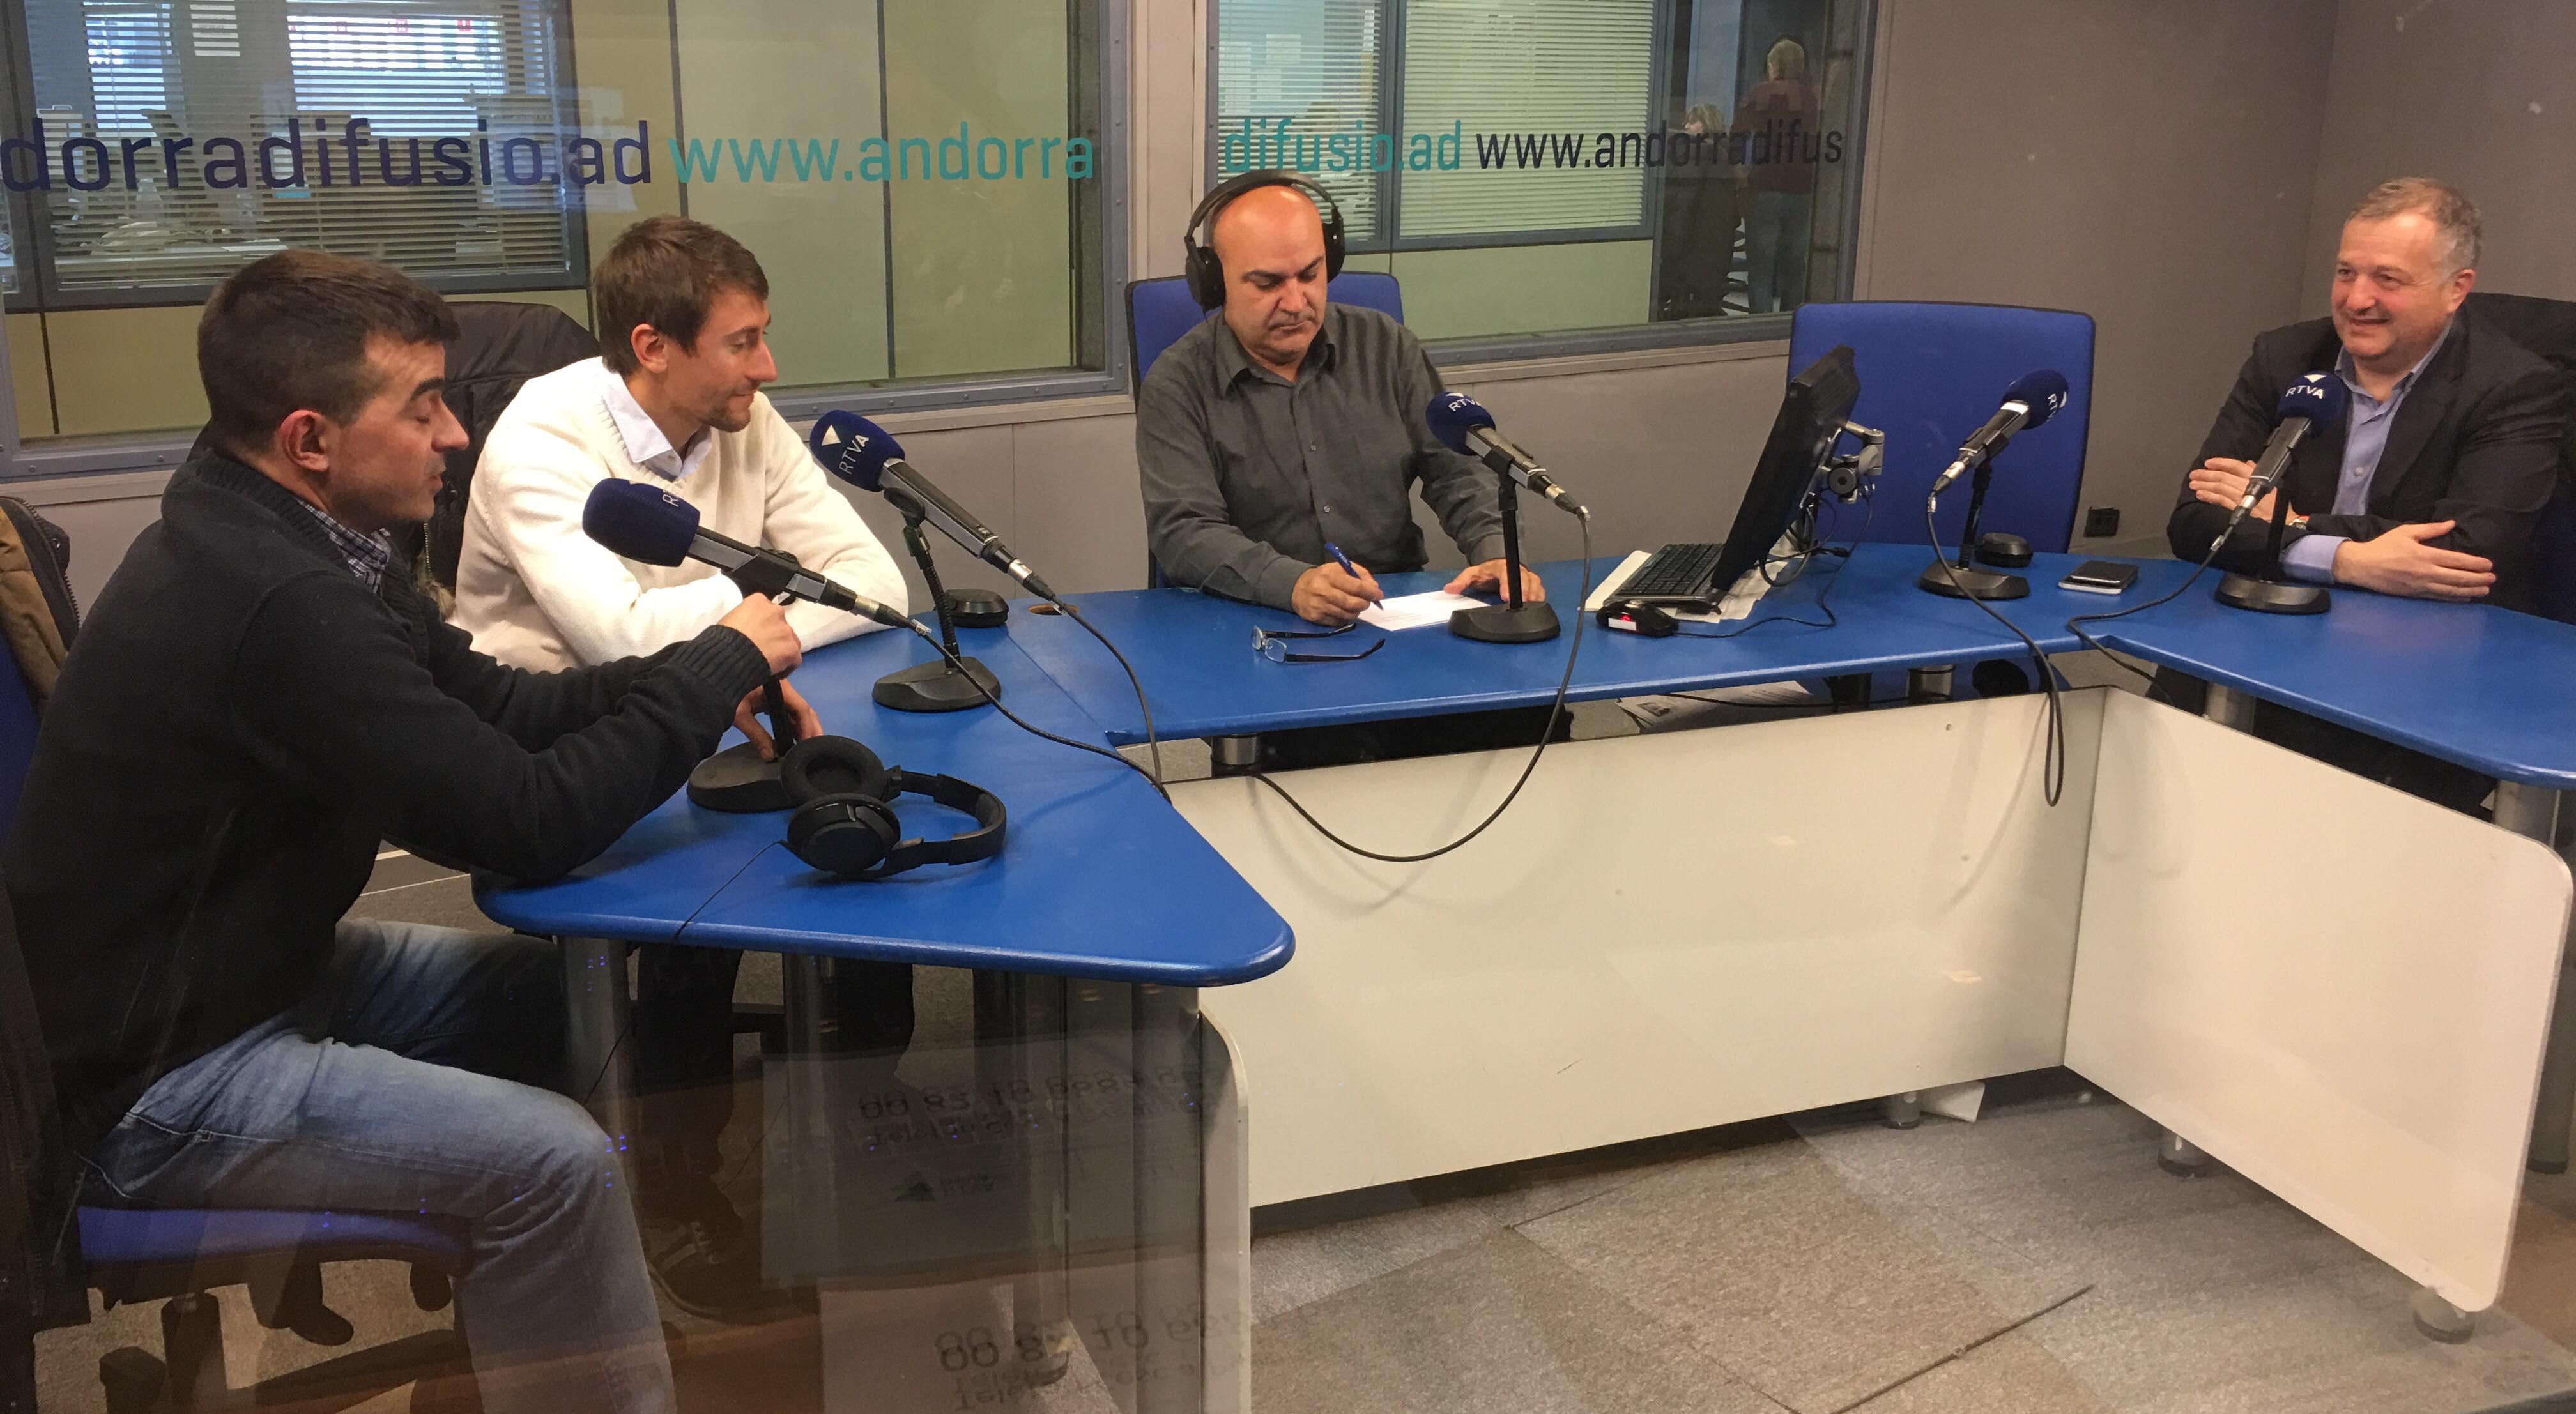 Entrevista a Bartumeu Gabriel, Jordi Cabanes i Oliver Alís